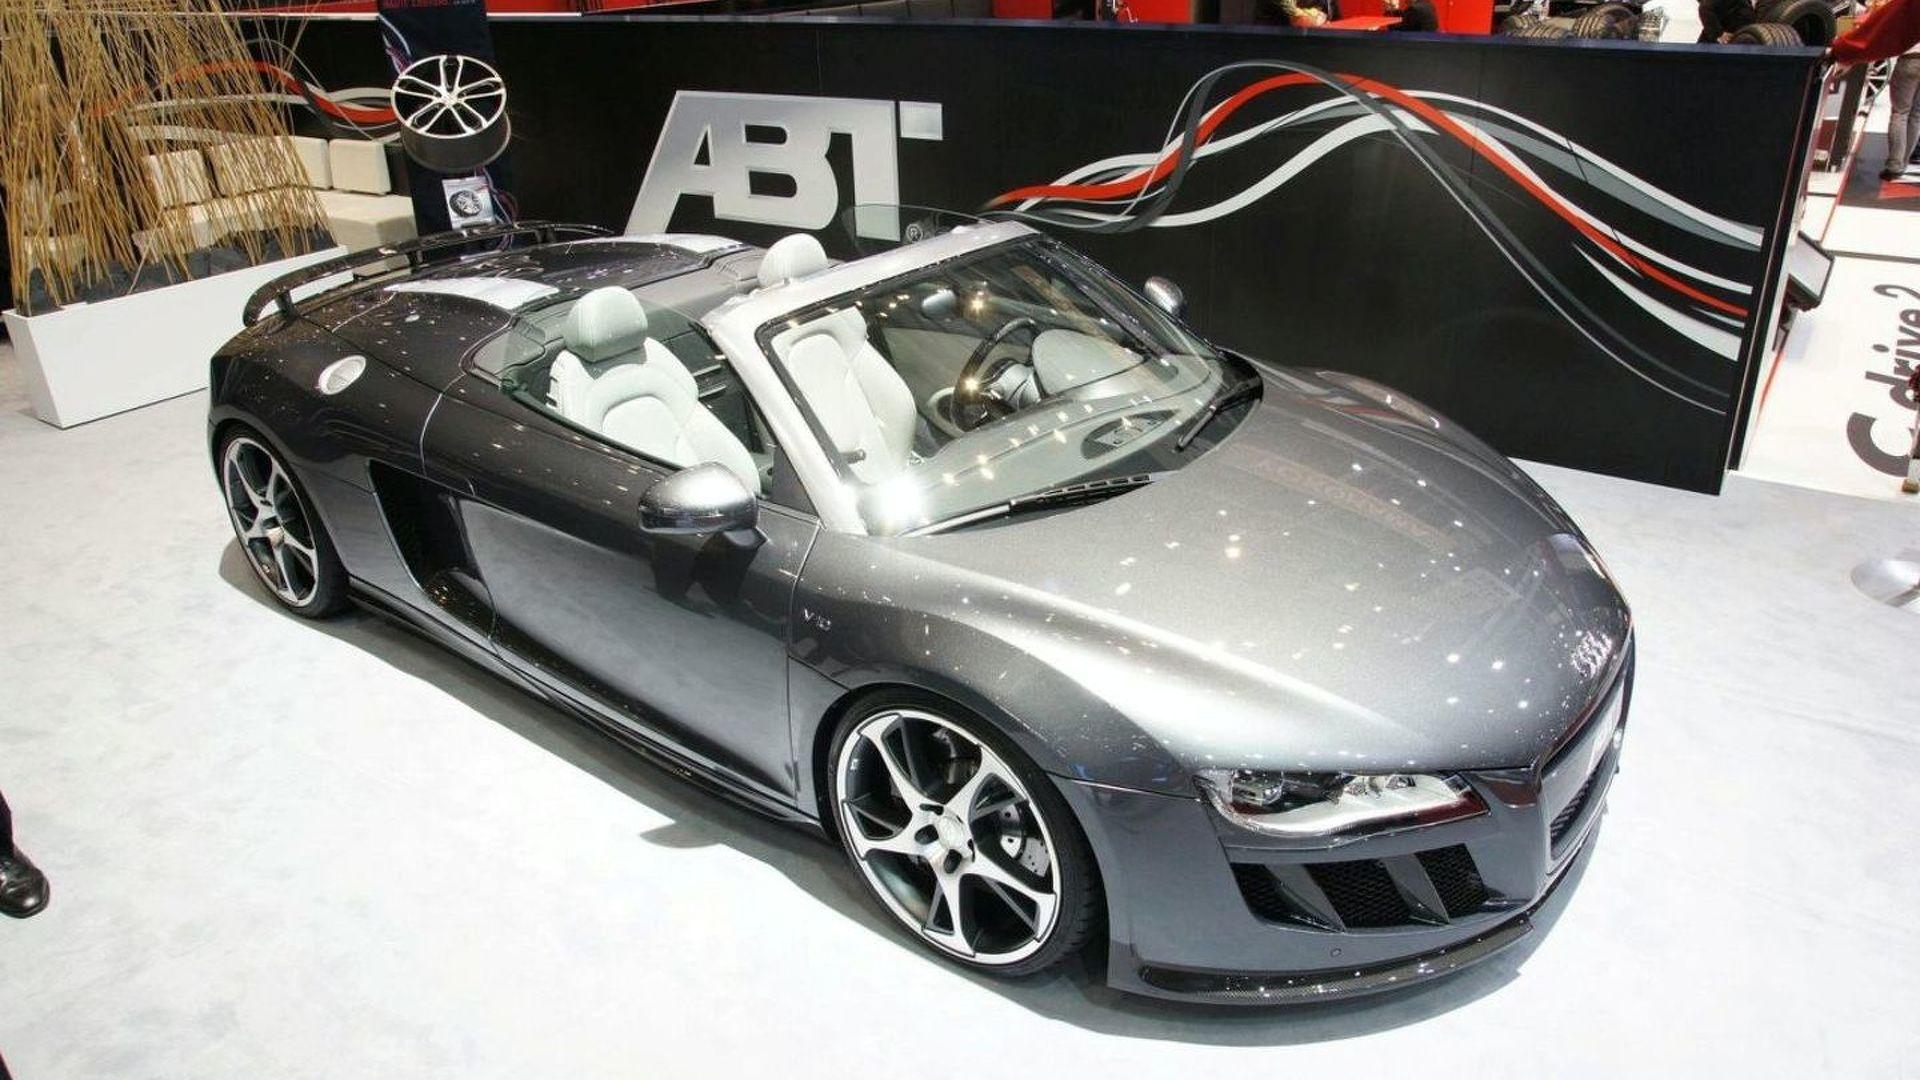 Abt R8 Spyder Revealed for Geneva Motor Show